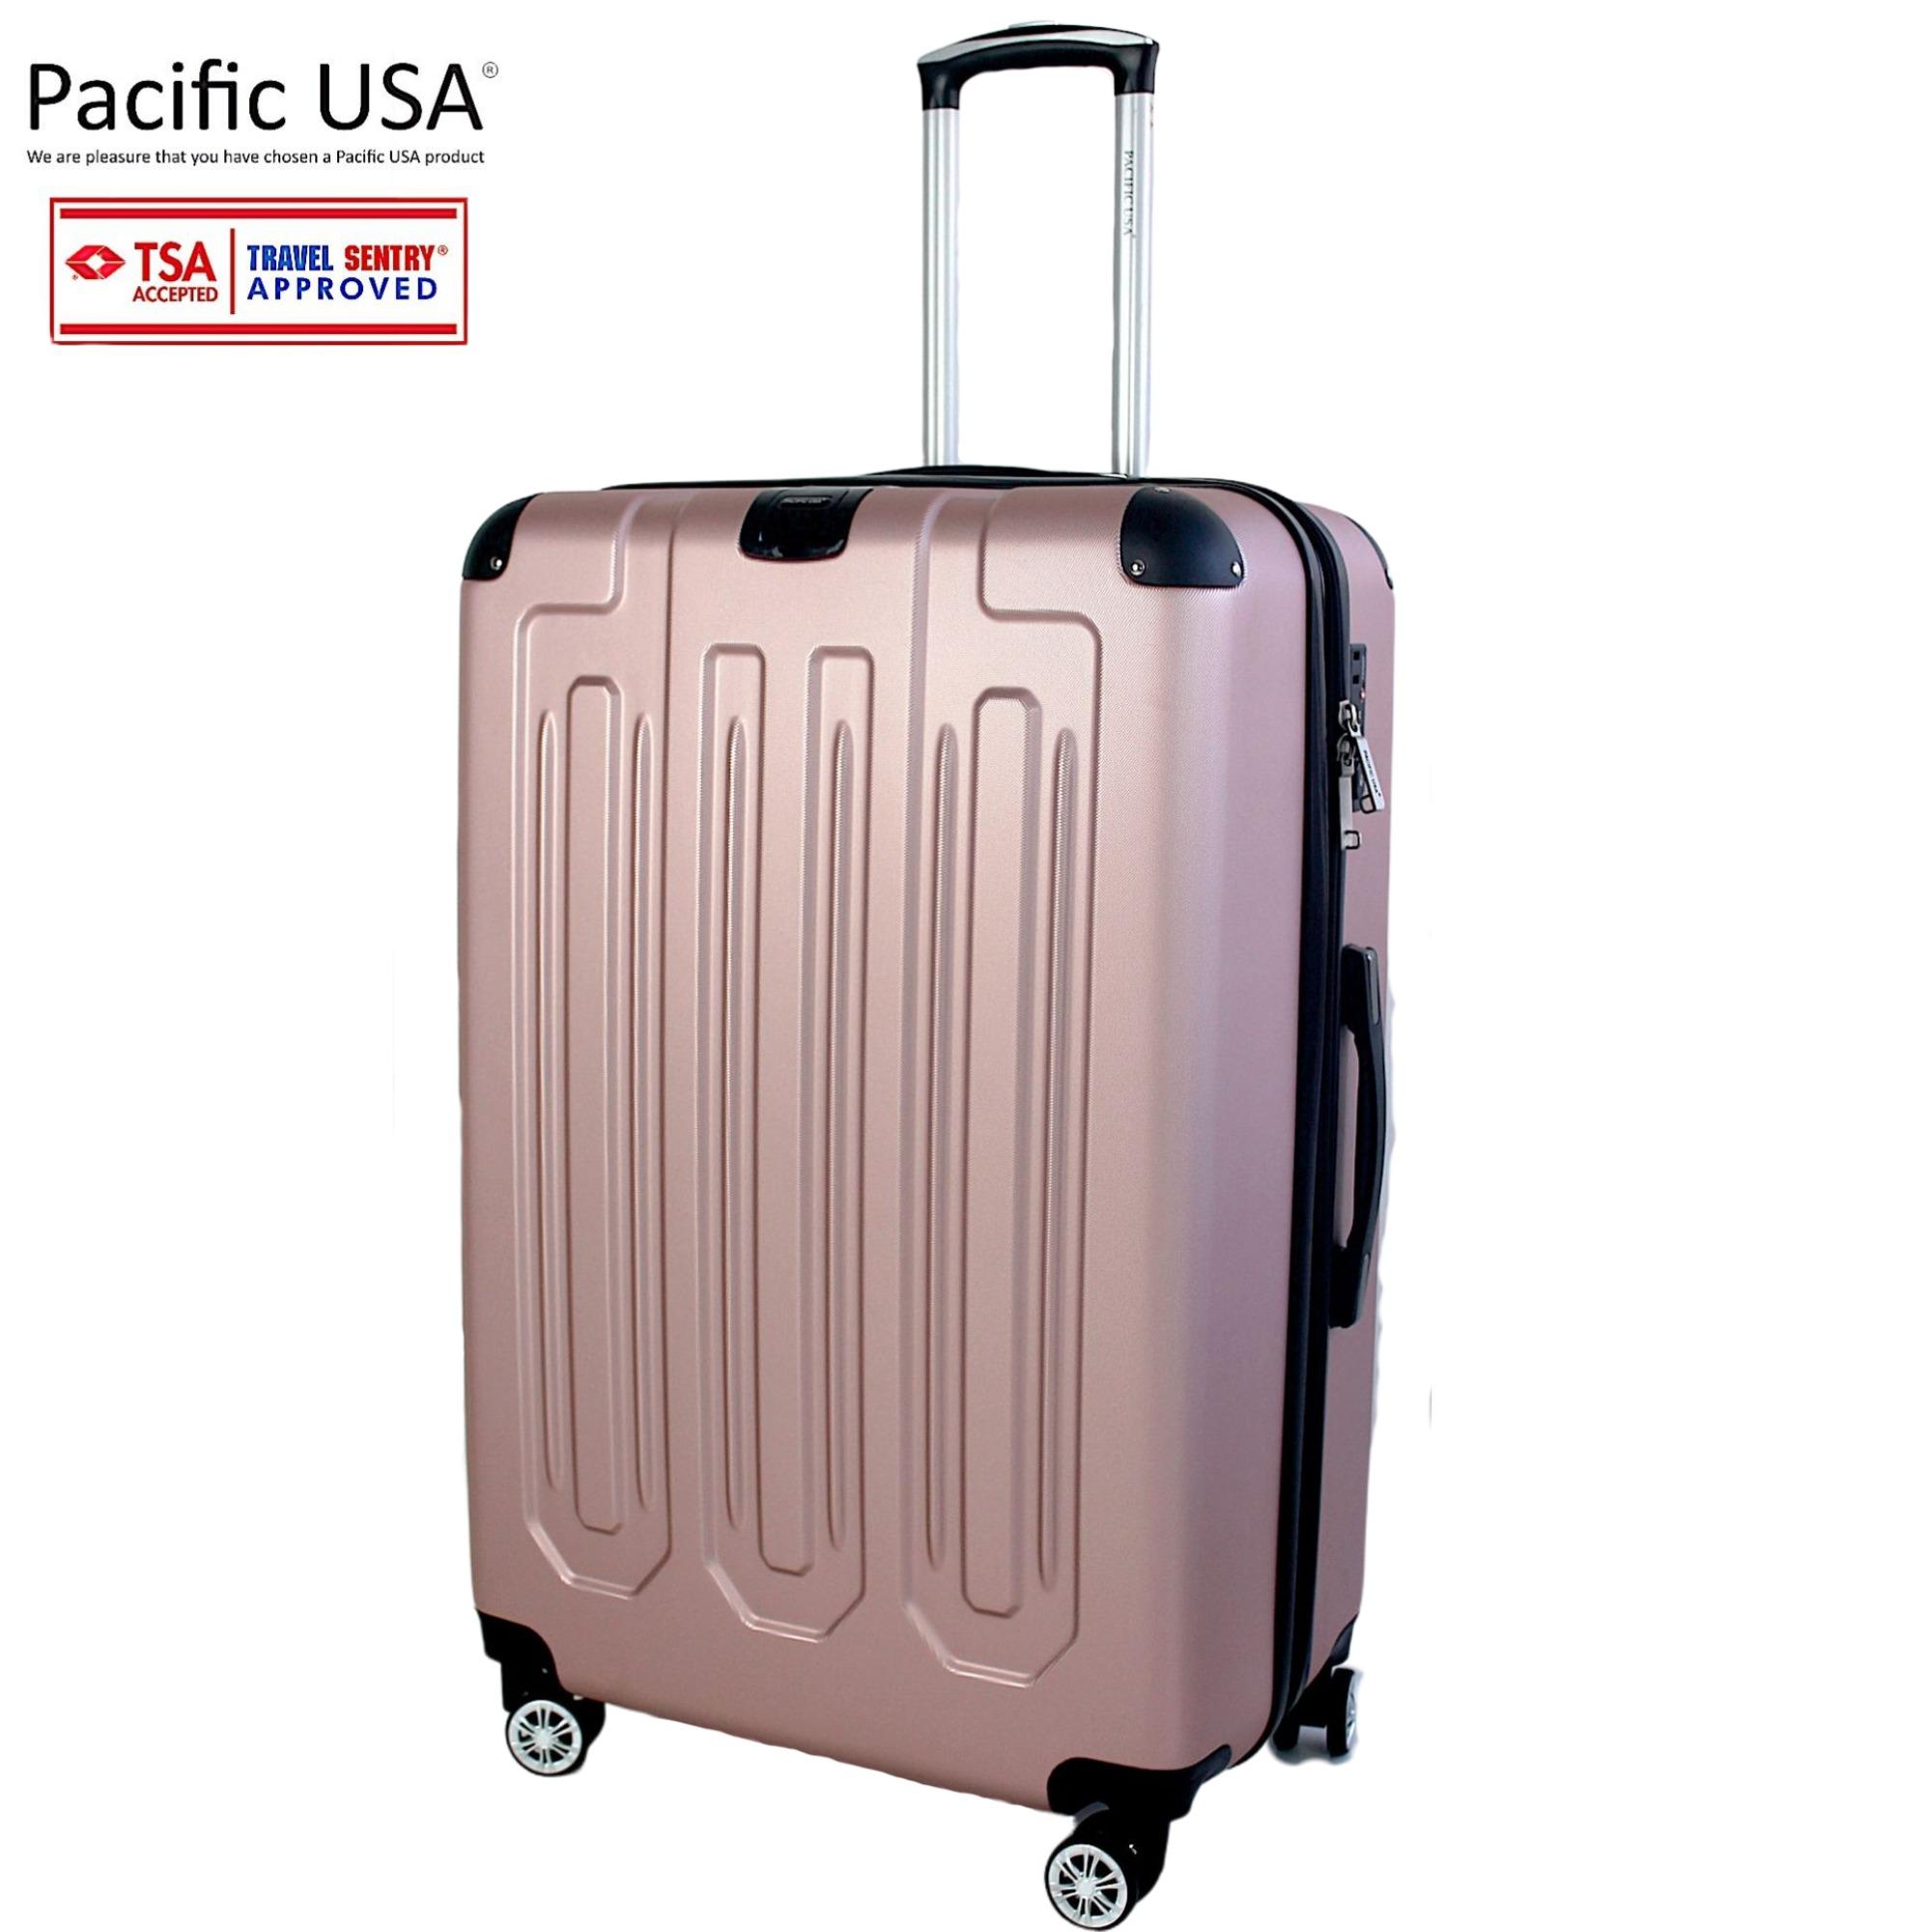 Mala Grande Pacific USA 8852 Com Zíper Duplo e Cadeado TSA